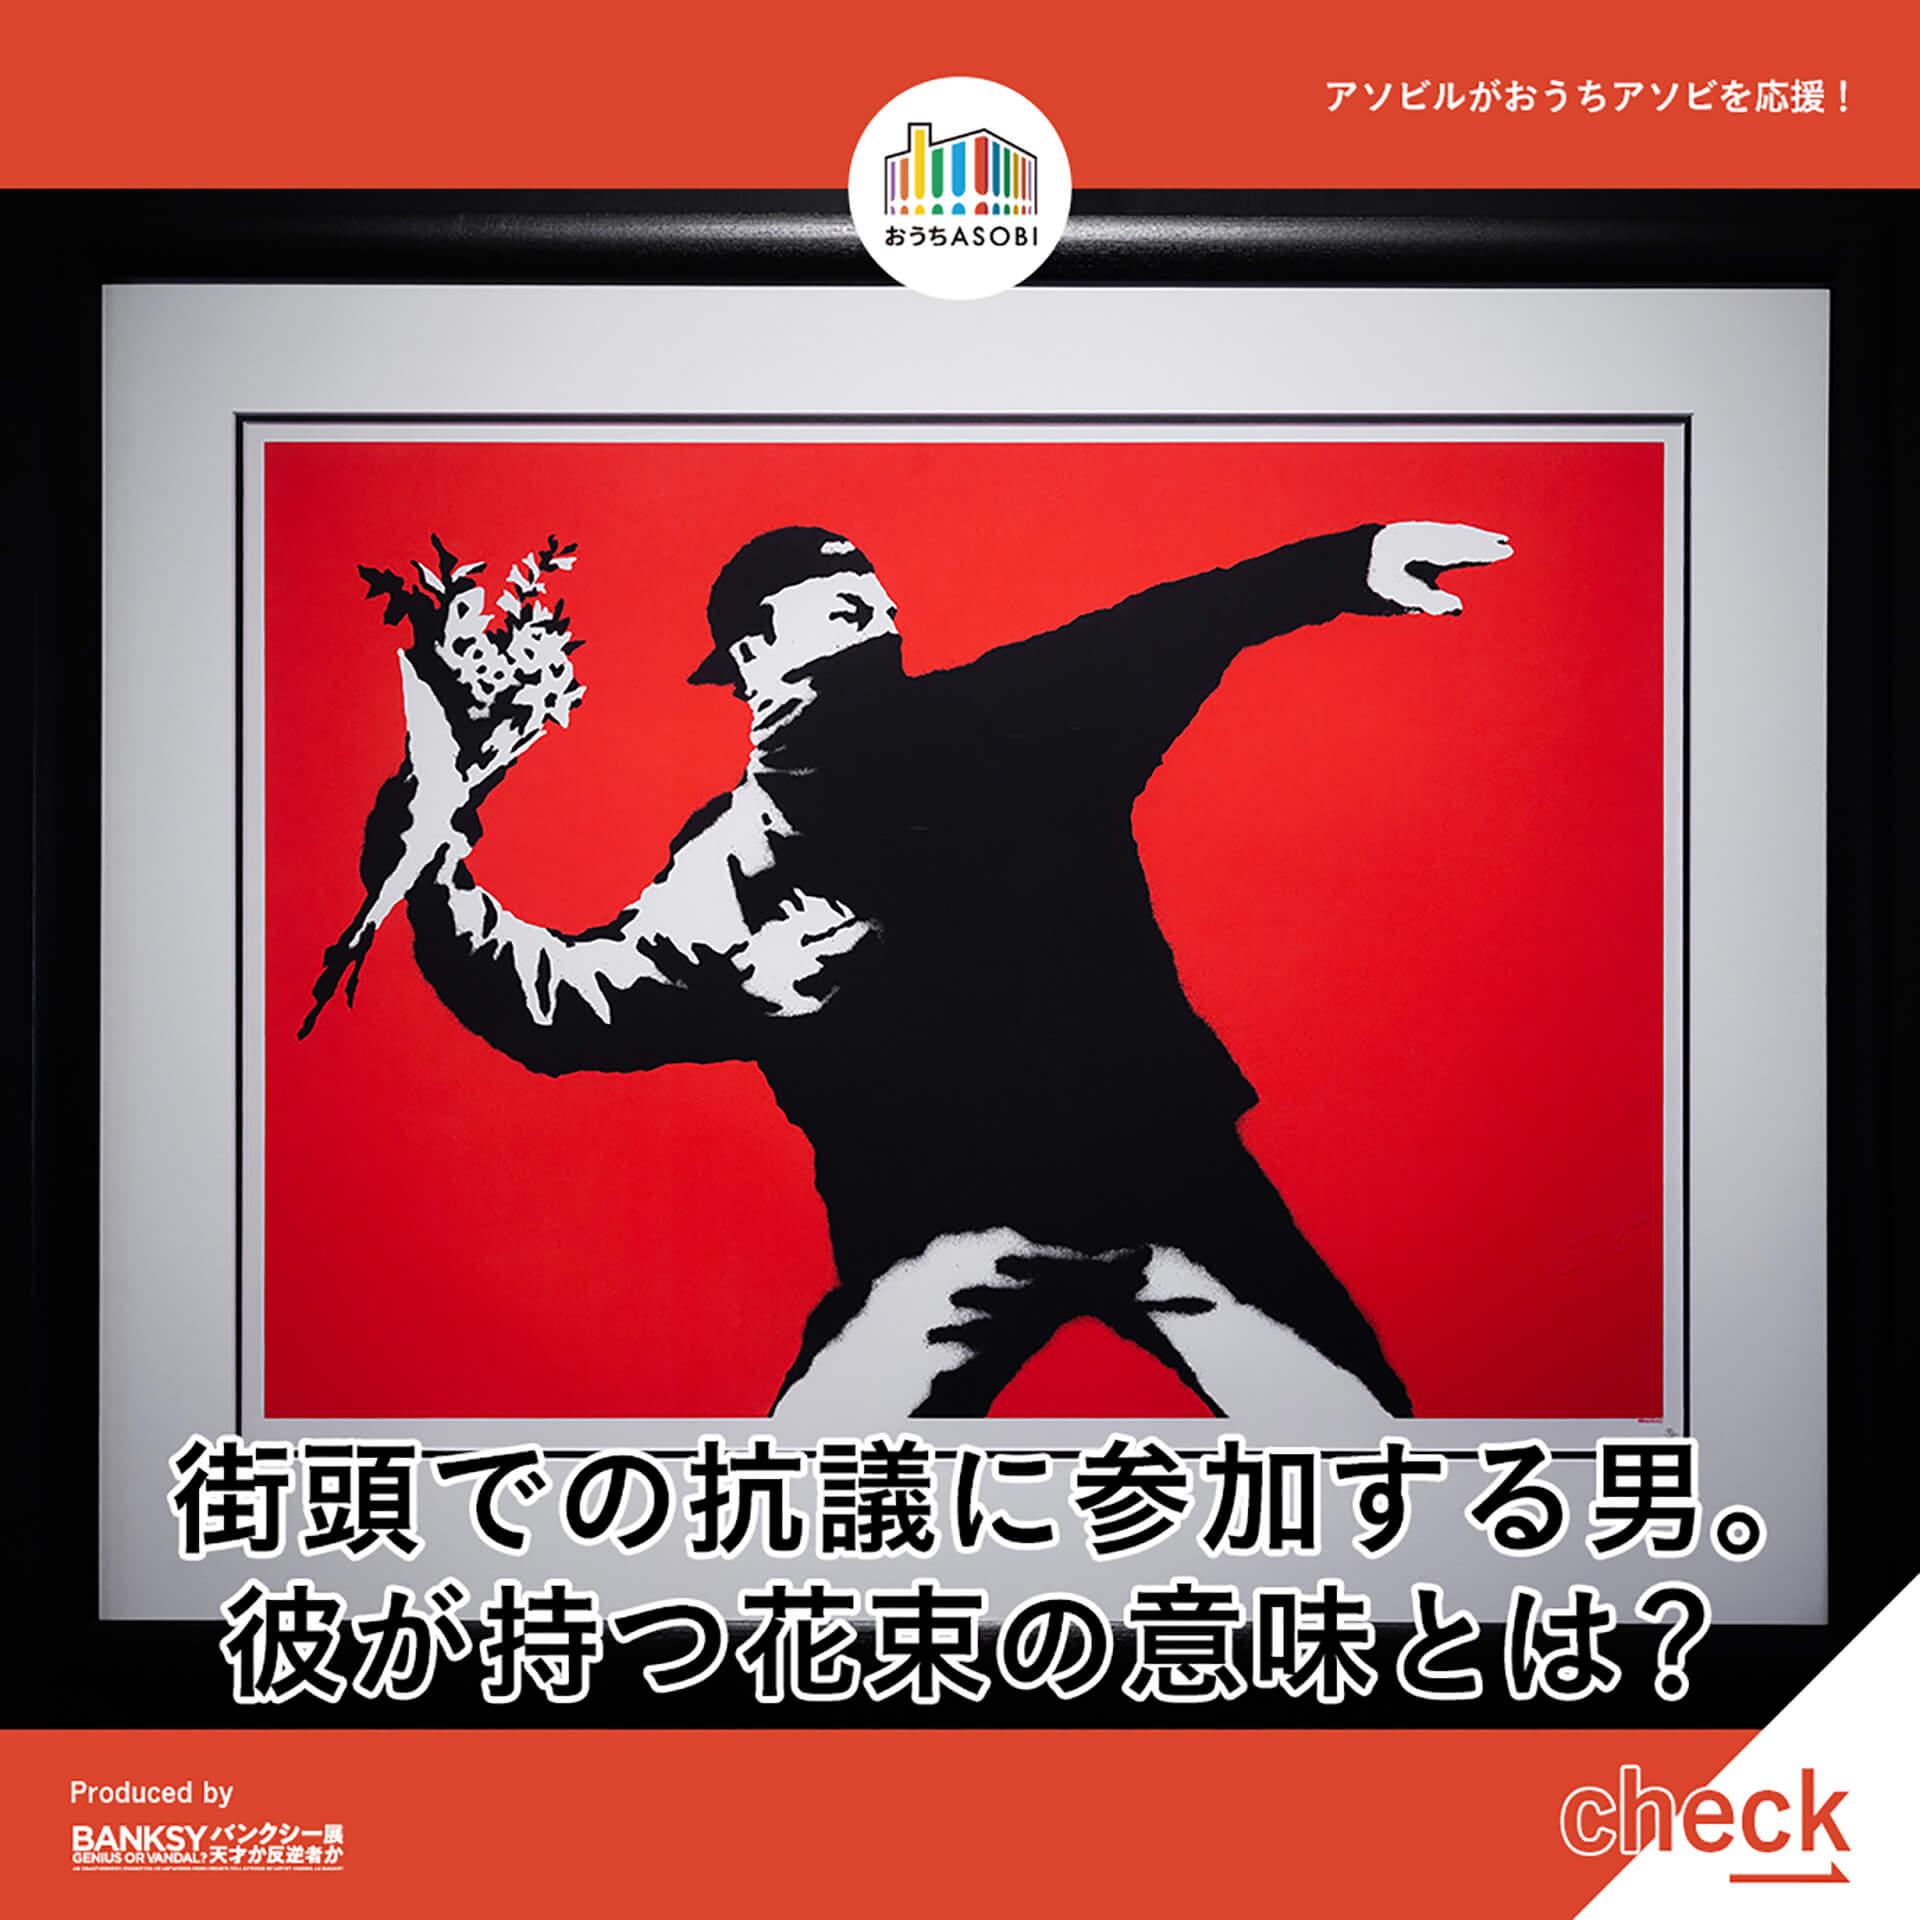 アソビルSTAY HOME週間応援配信・バンクシー展